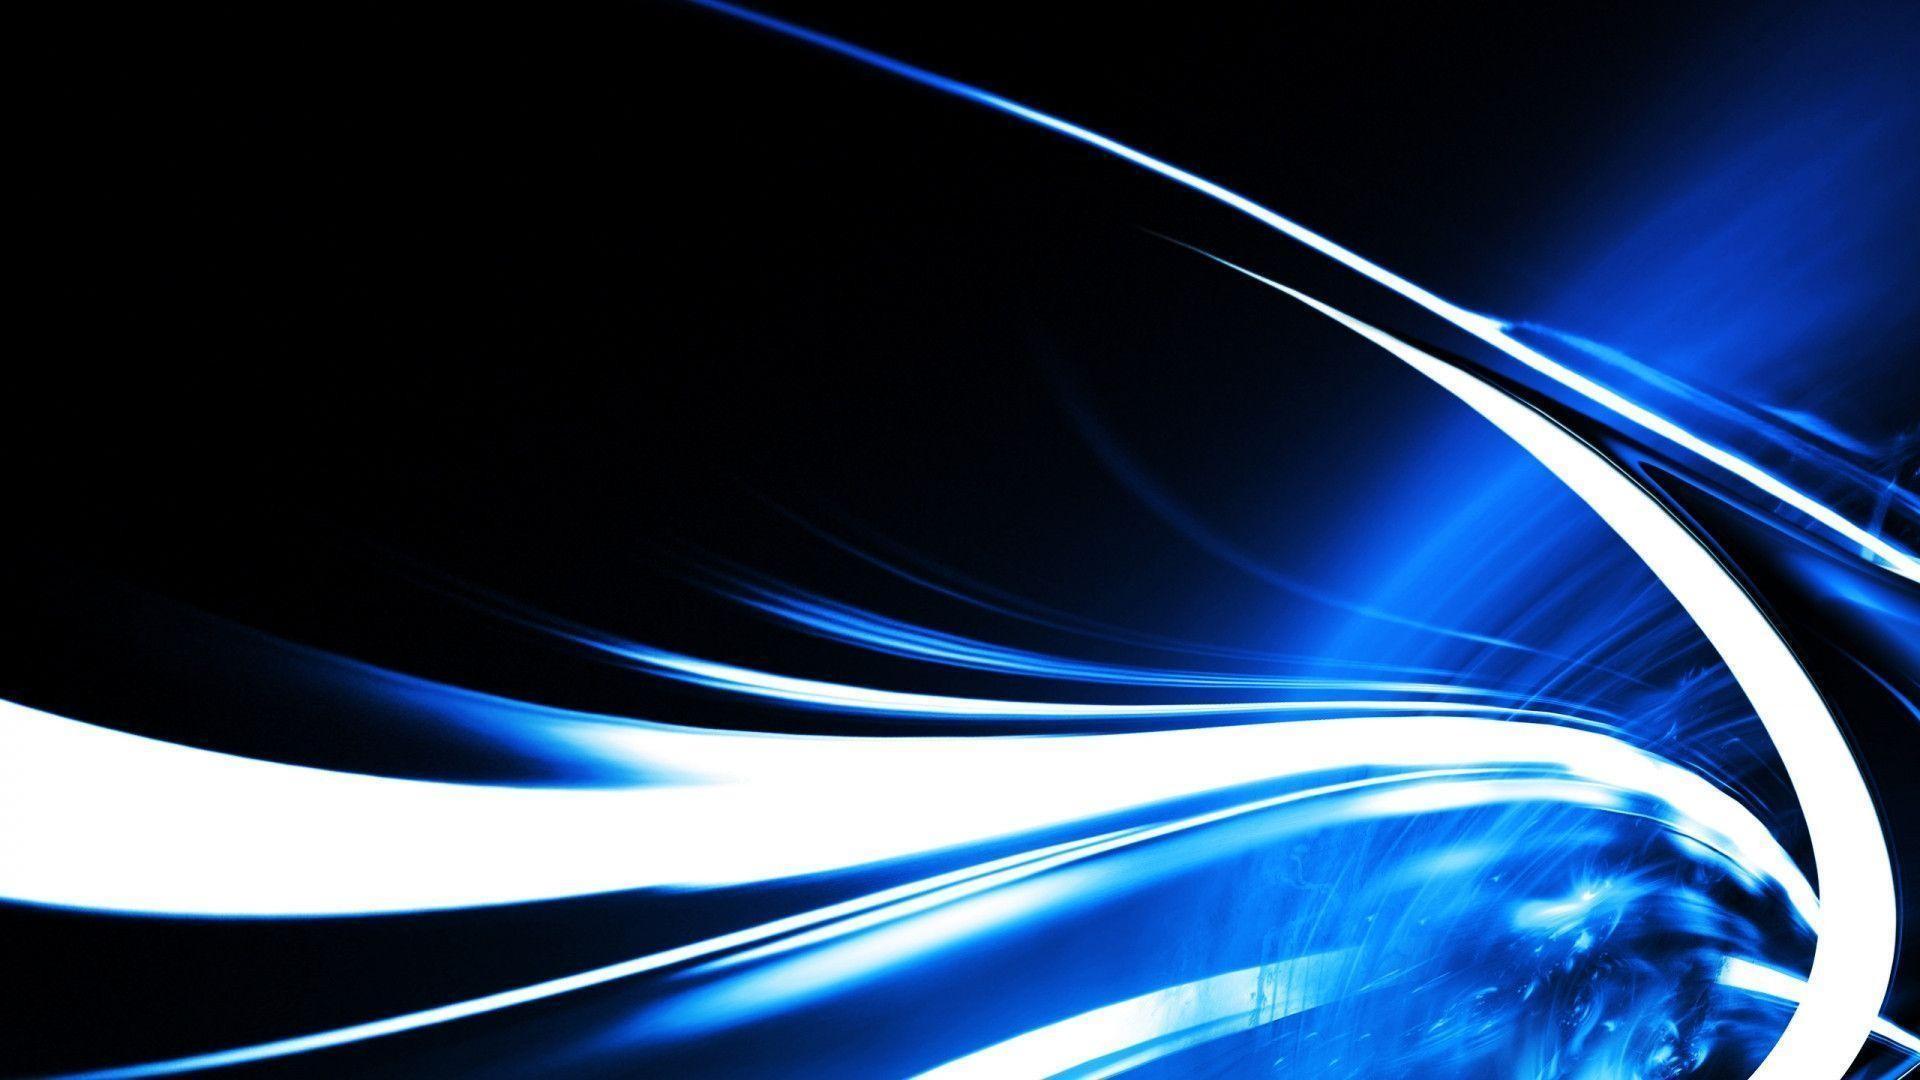 Blue swirl wallpaper – 964144